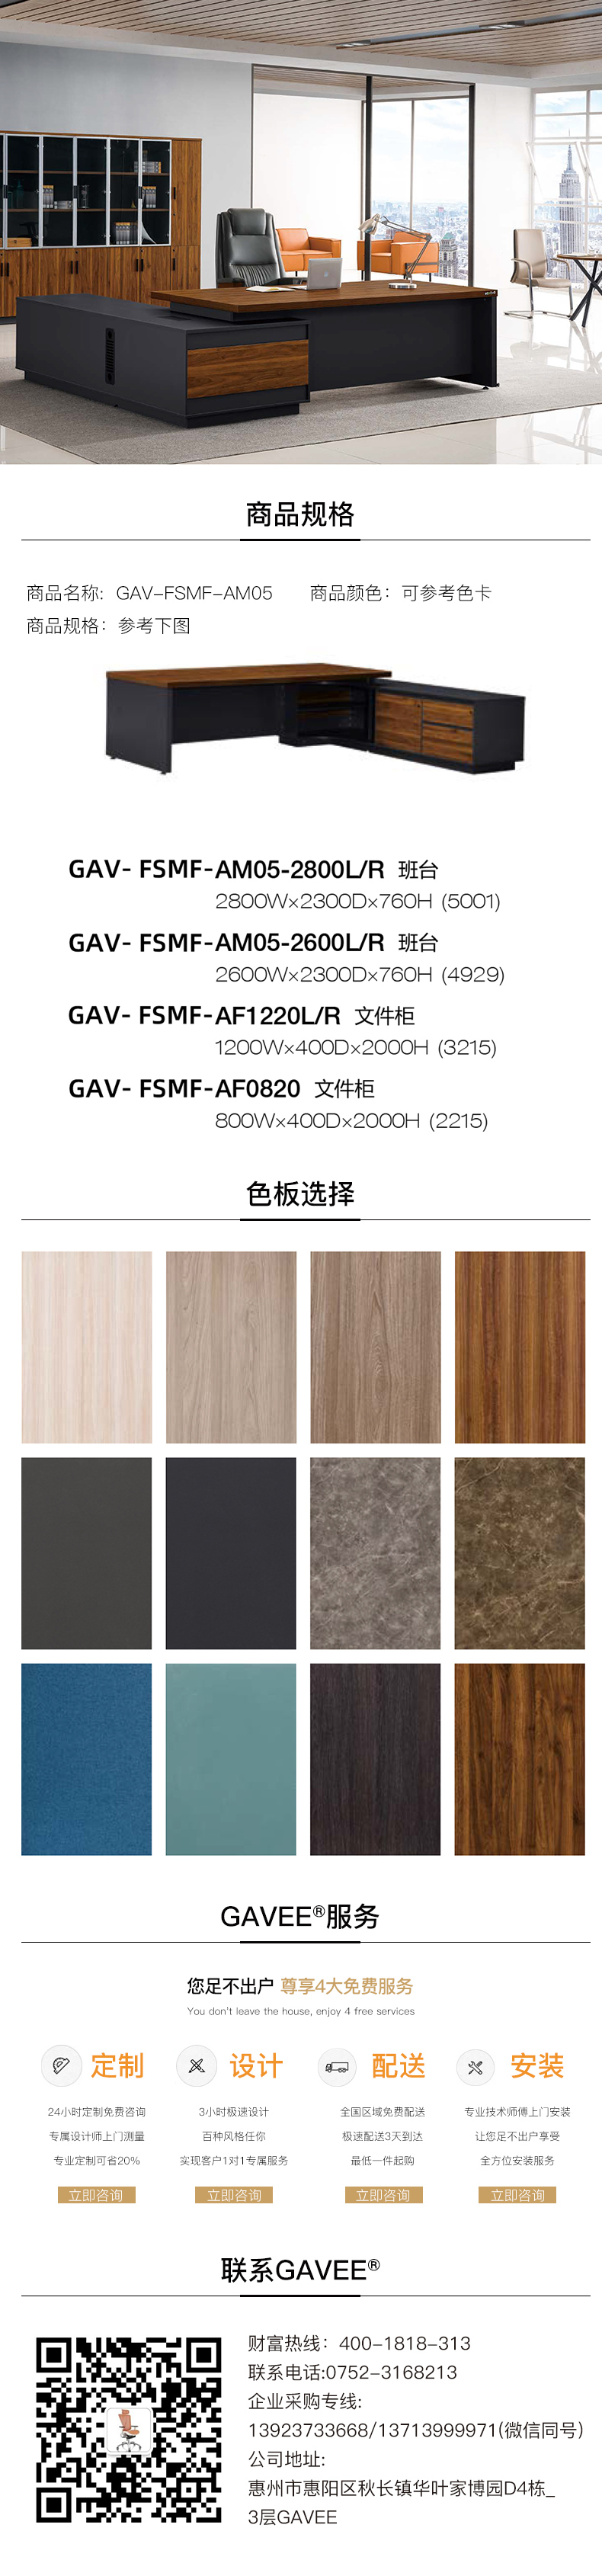 高層決策系統GAV-FSMF-AM05.jpg